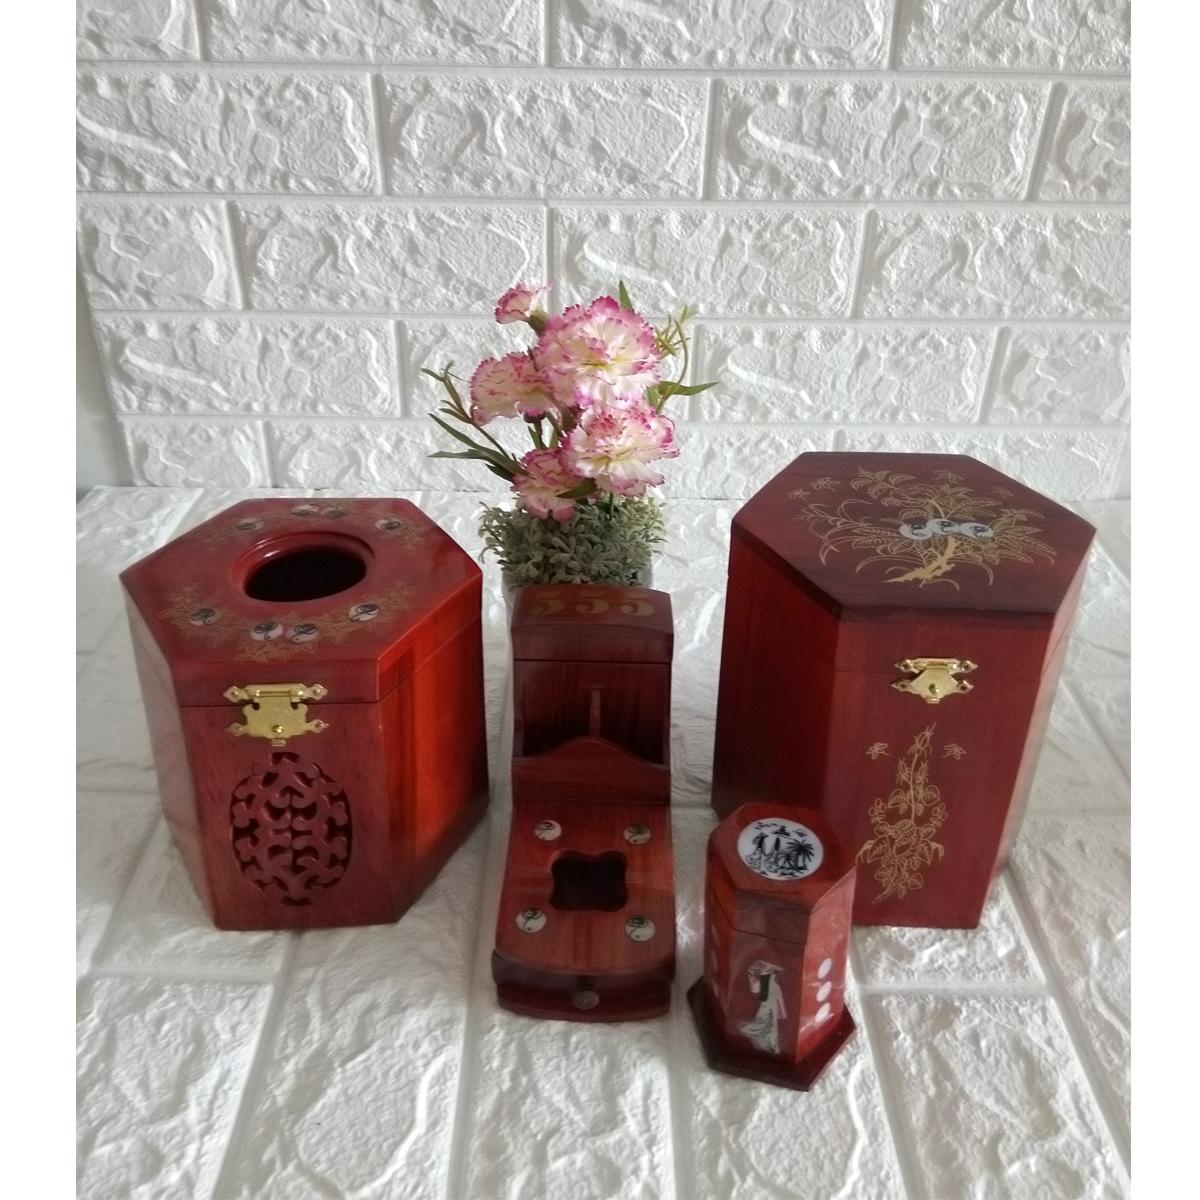 Bộ 4 món tiện ích gỗ hương Hộp Trà lớn,gạt tàn,hộp tăm,hộp giấy lục lăng - CGLG04